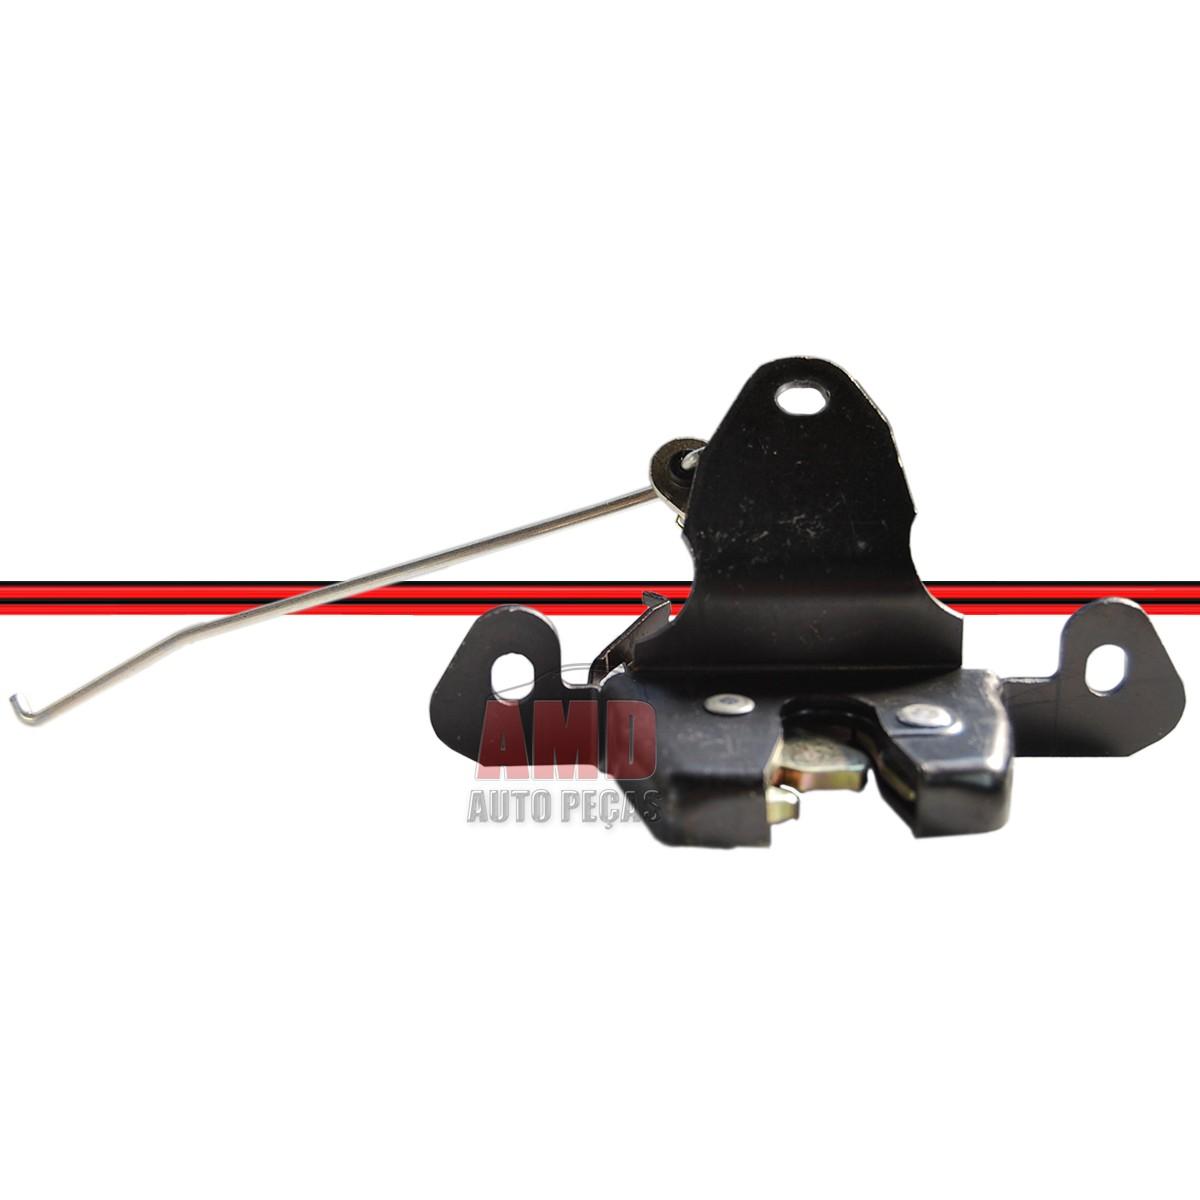 Fechadura Superior Porta Malas Escort GII 93 A 96 Mecânica